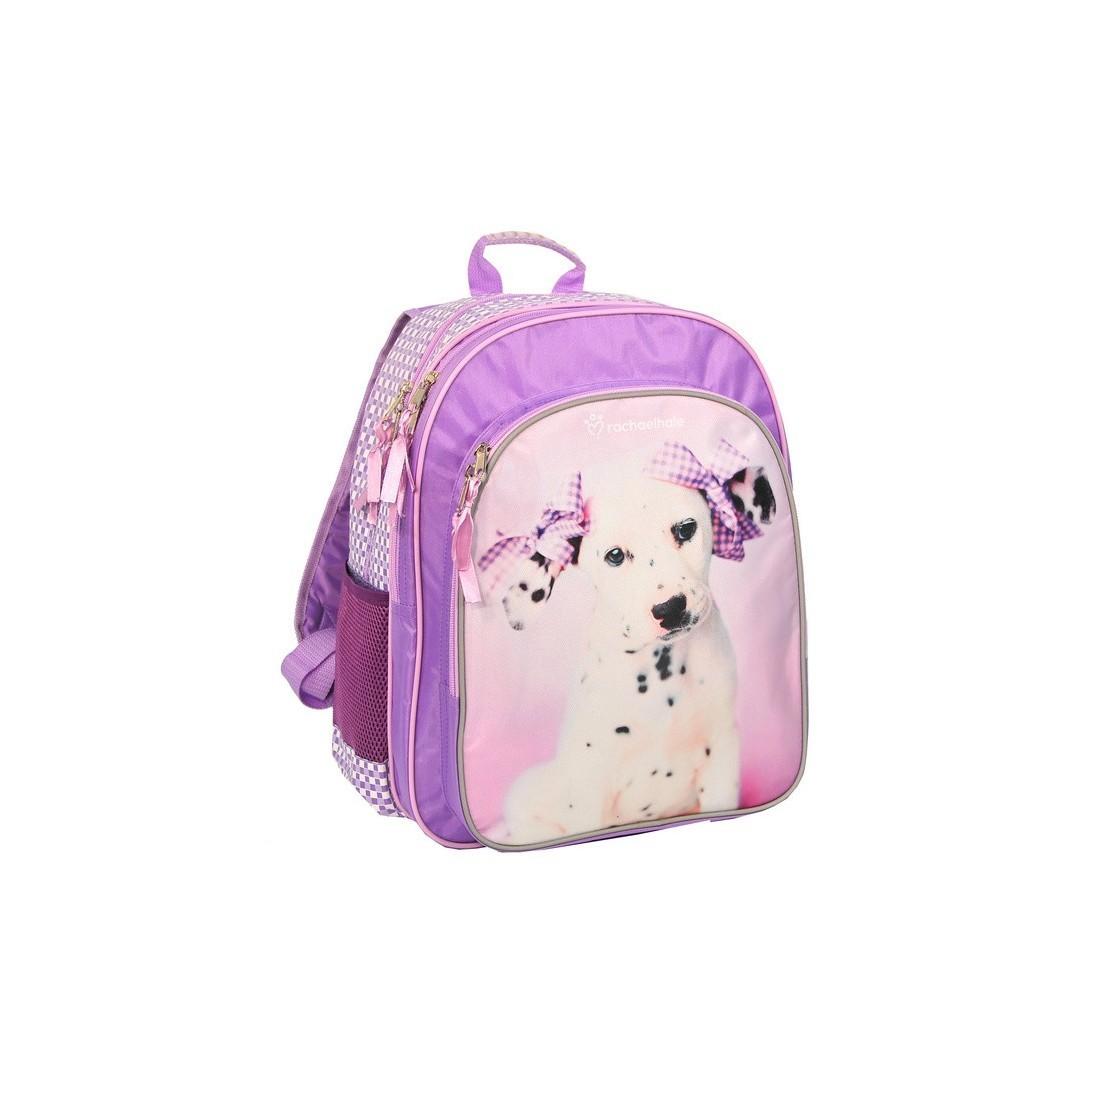 Plecak szkolny Rachael Hale różowy z psem - plecak-tornister.pl